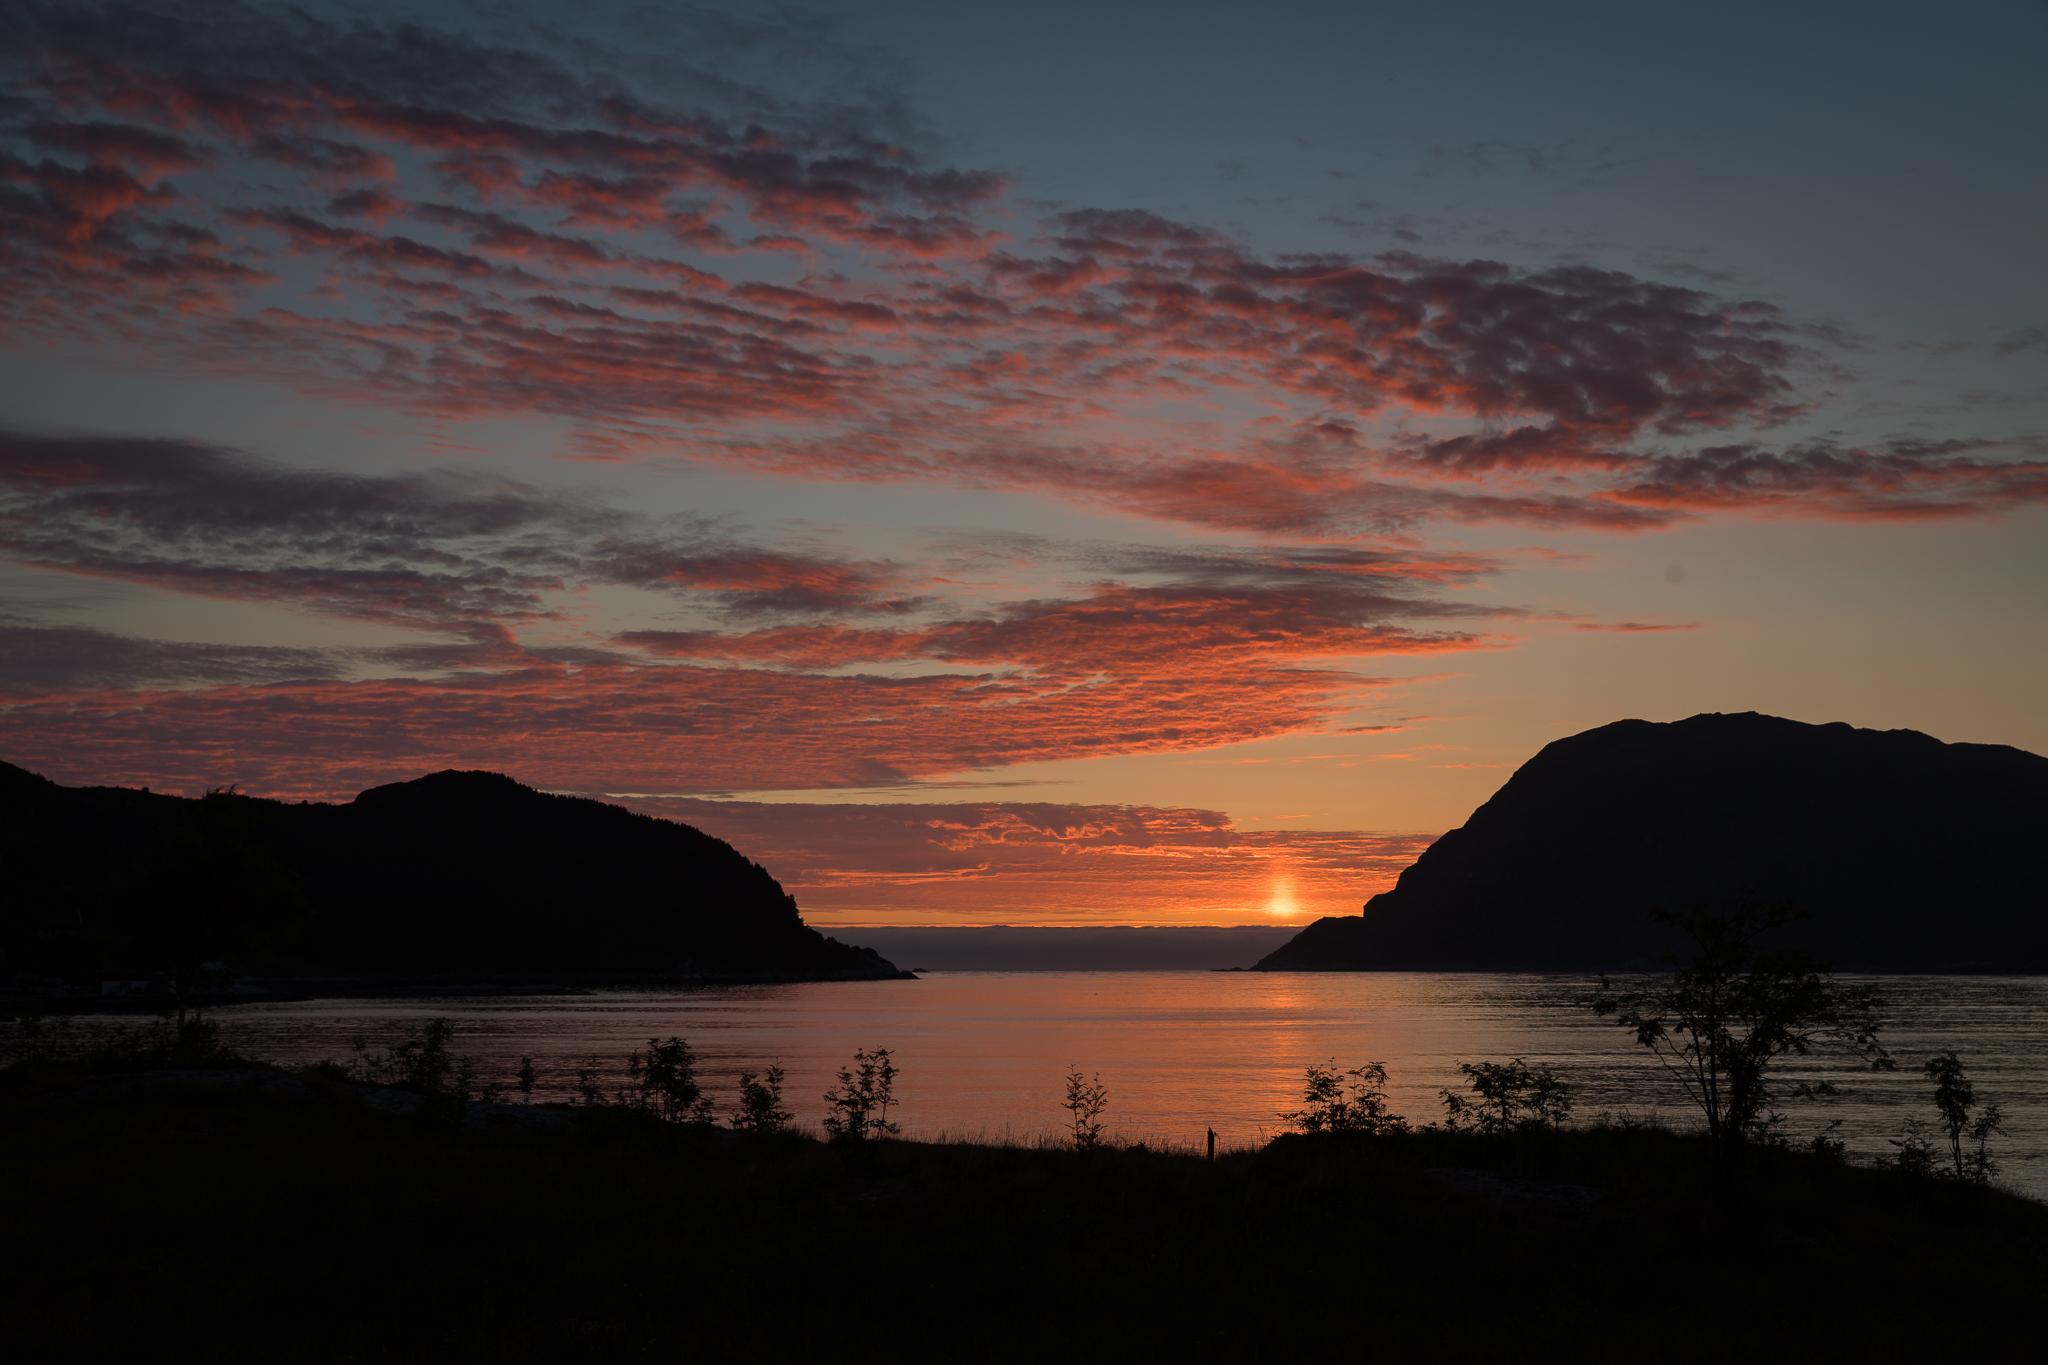 Sunset view at Husevåg, Norway